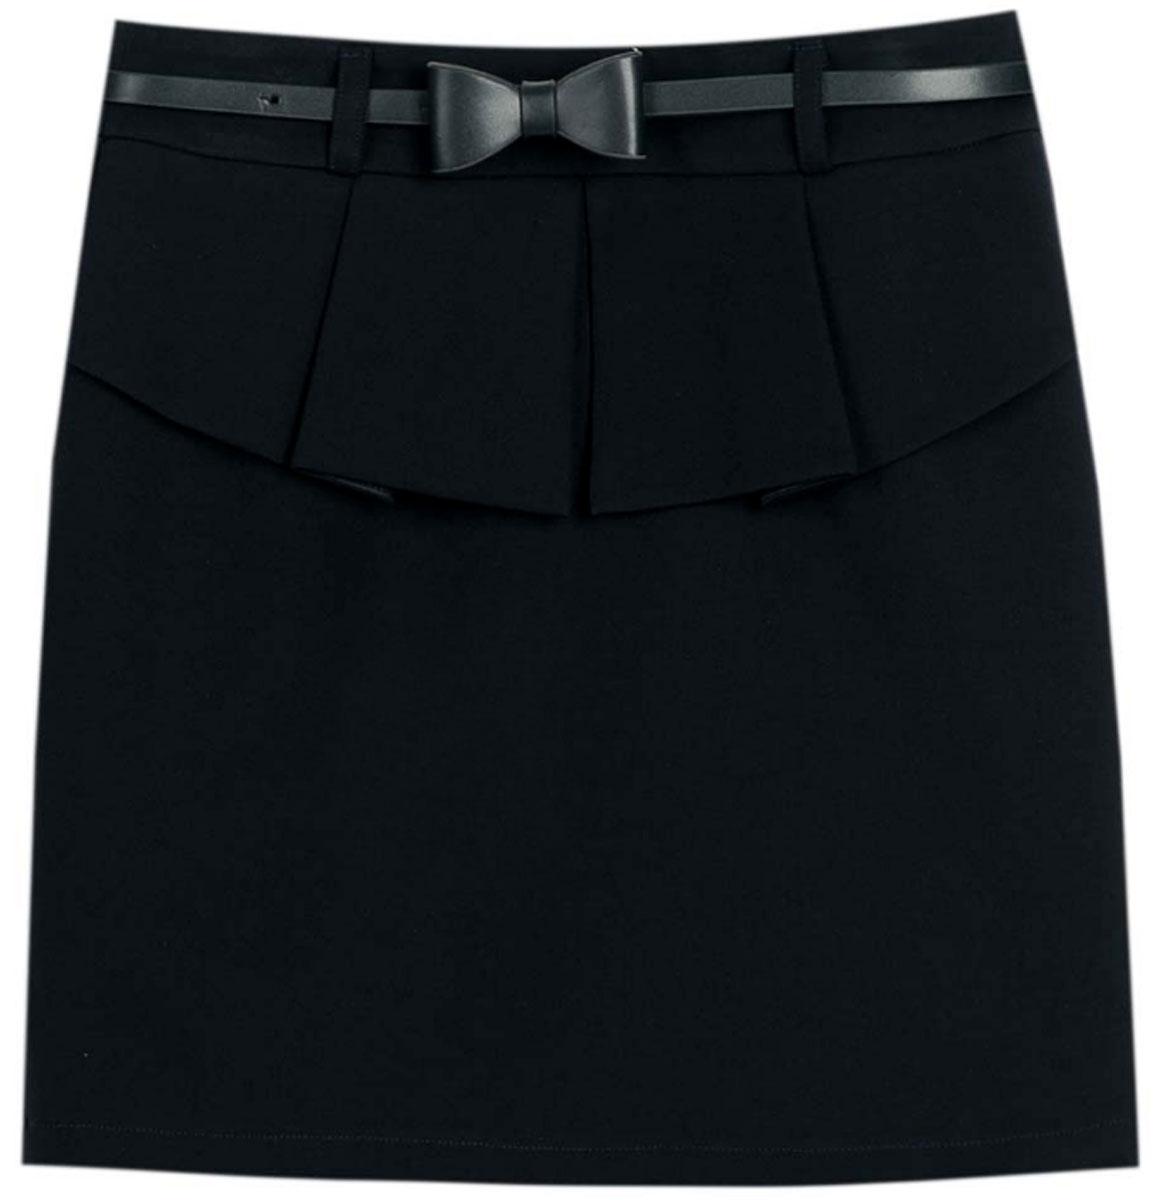 Юбка для девочек Vitacci, цвет: черный. 2173050-03. Размер 1342173050-03Классическая школьная блузка для девочки